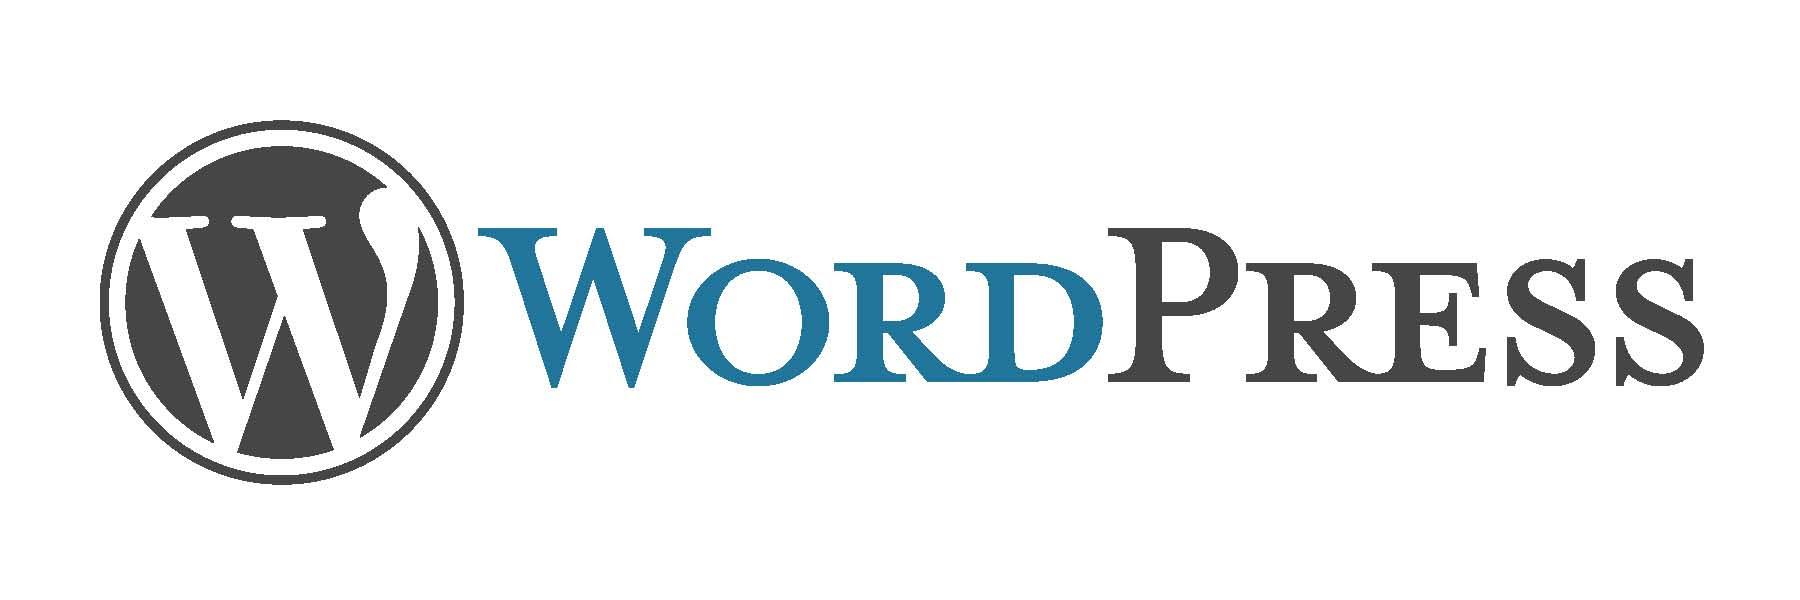 ေရနက္ရာ WordPress